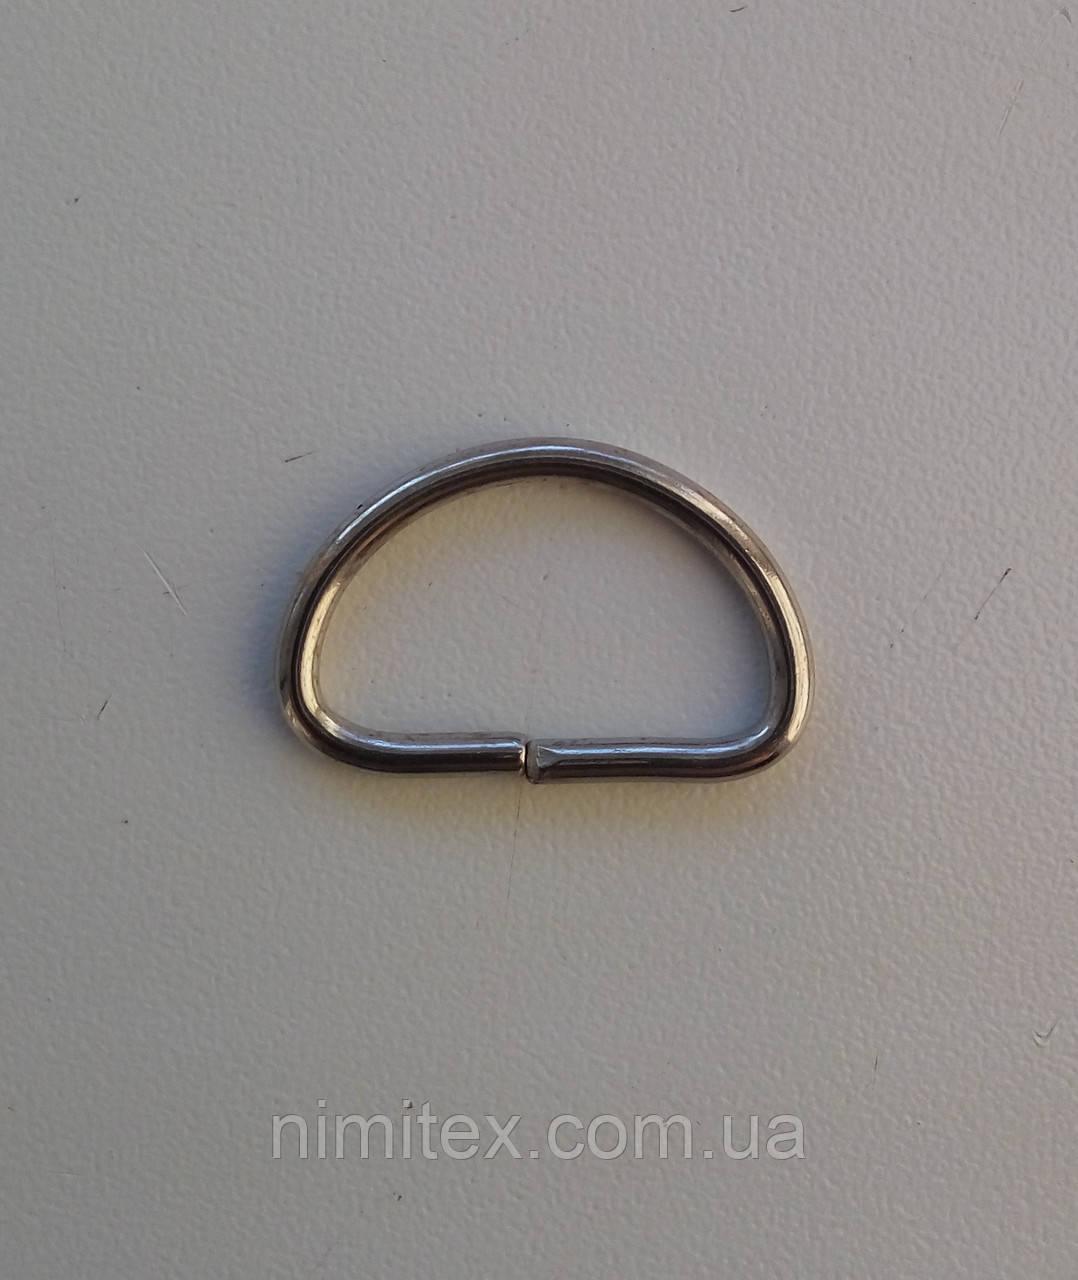 Полукольцо проволочное 21 мм никель